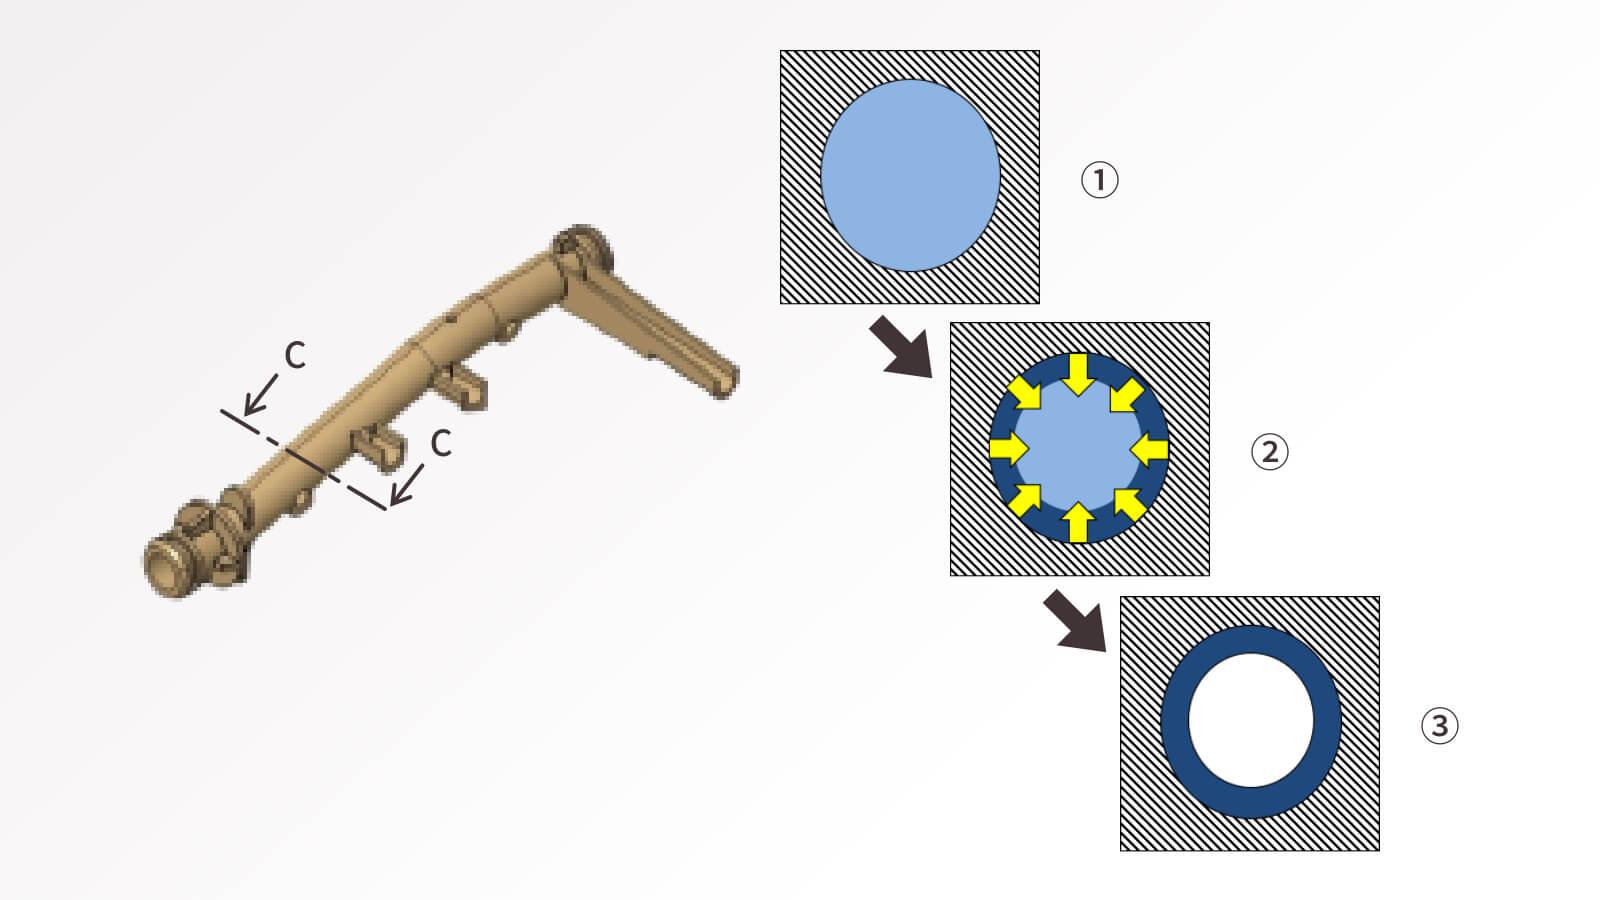 マルチユニパイプの工法